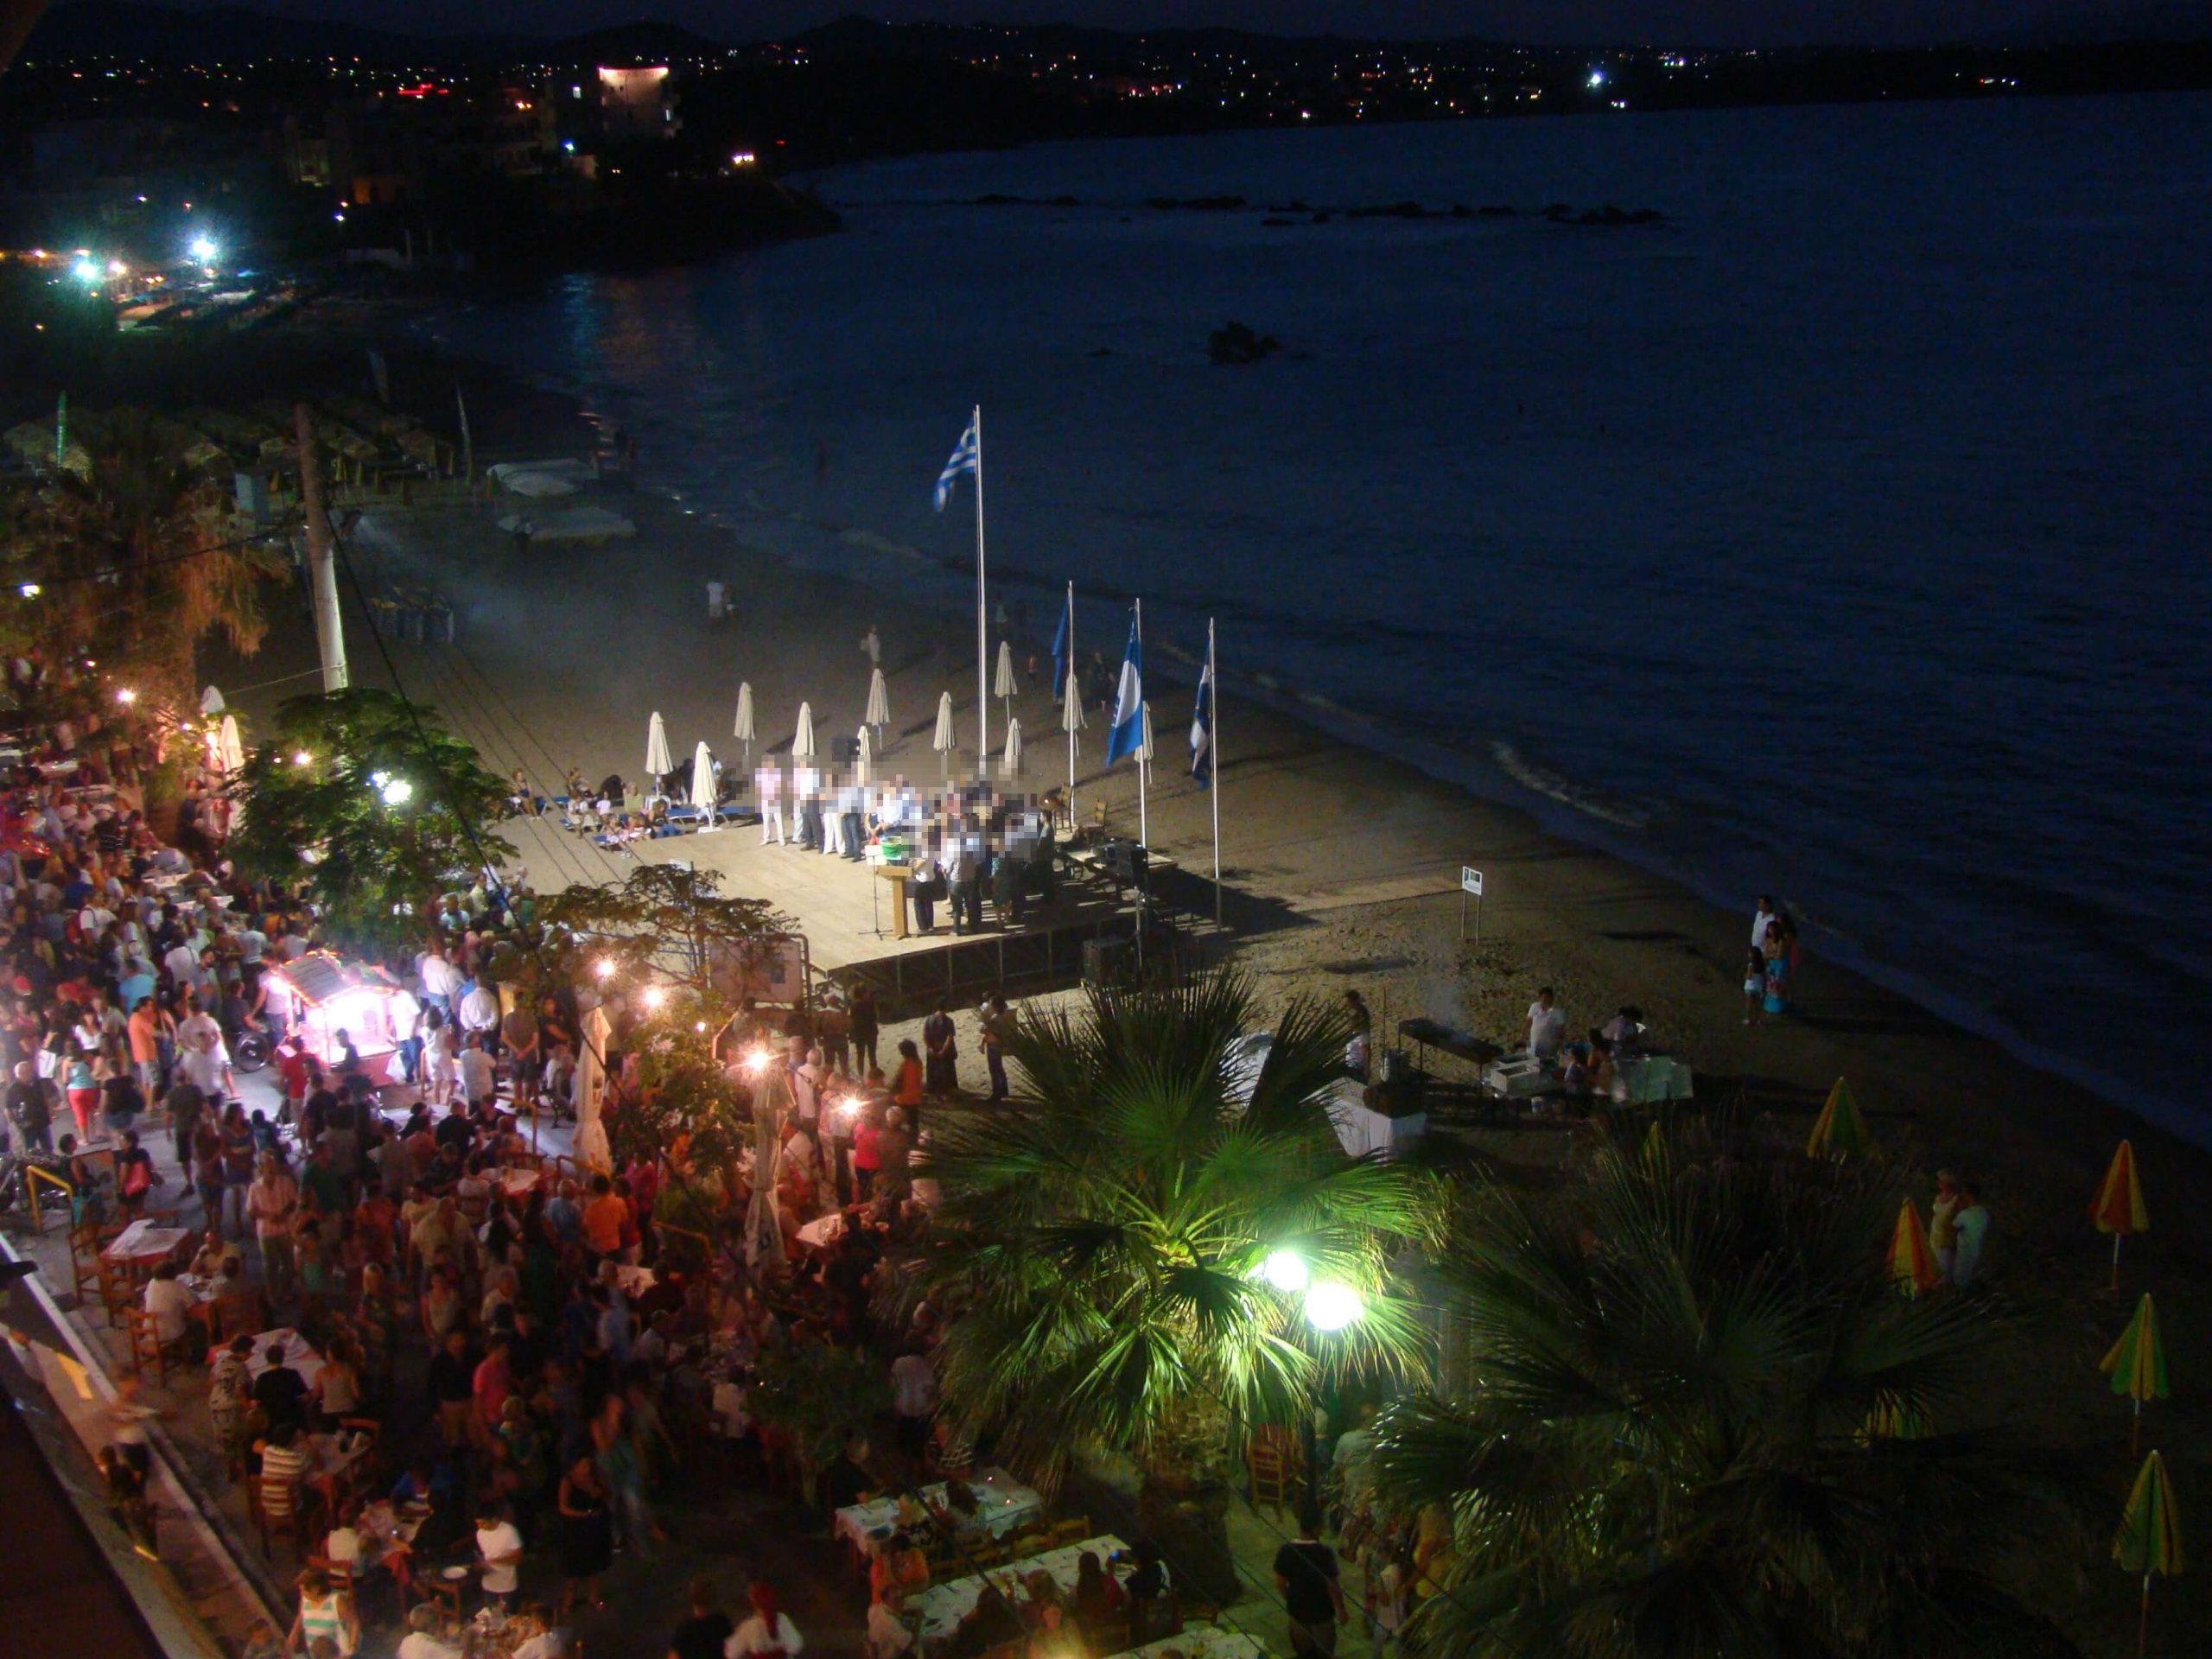 Cultural & Festival events - Contessa Boutique Hotel